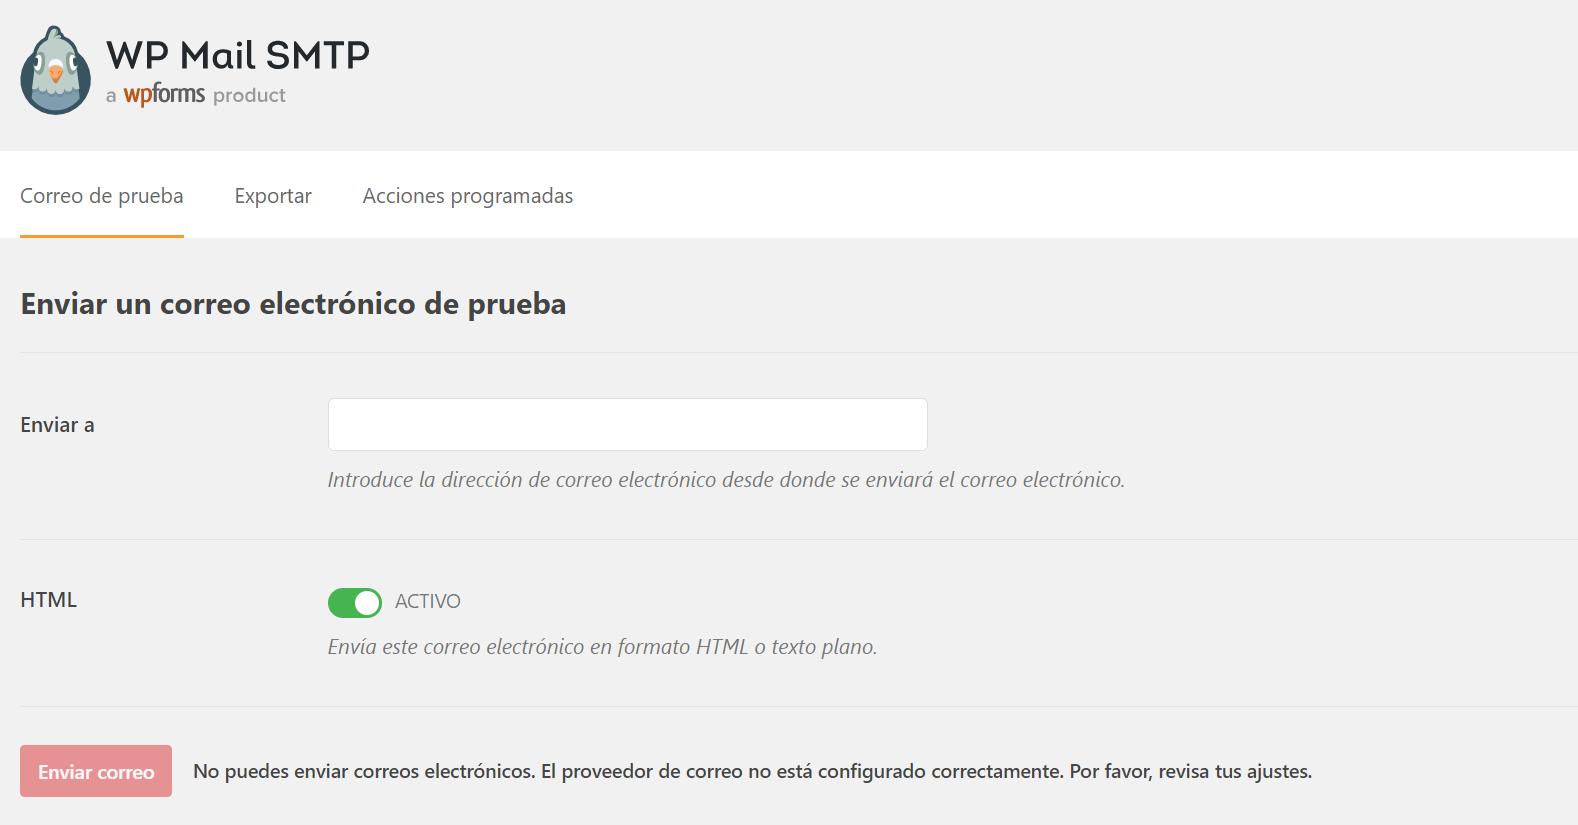 Enviar un correo de prueba con WP Mail SMPT